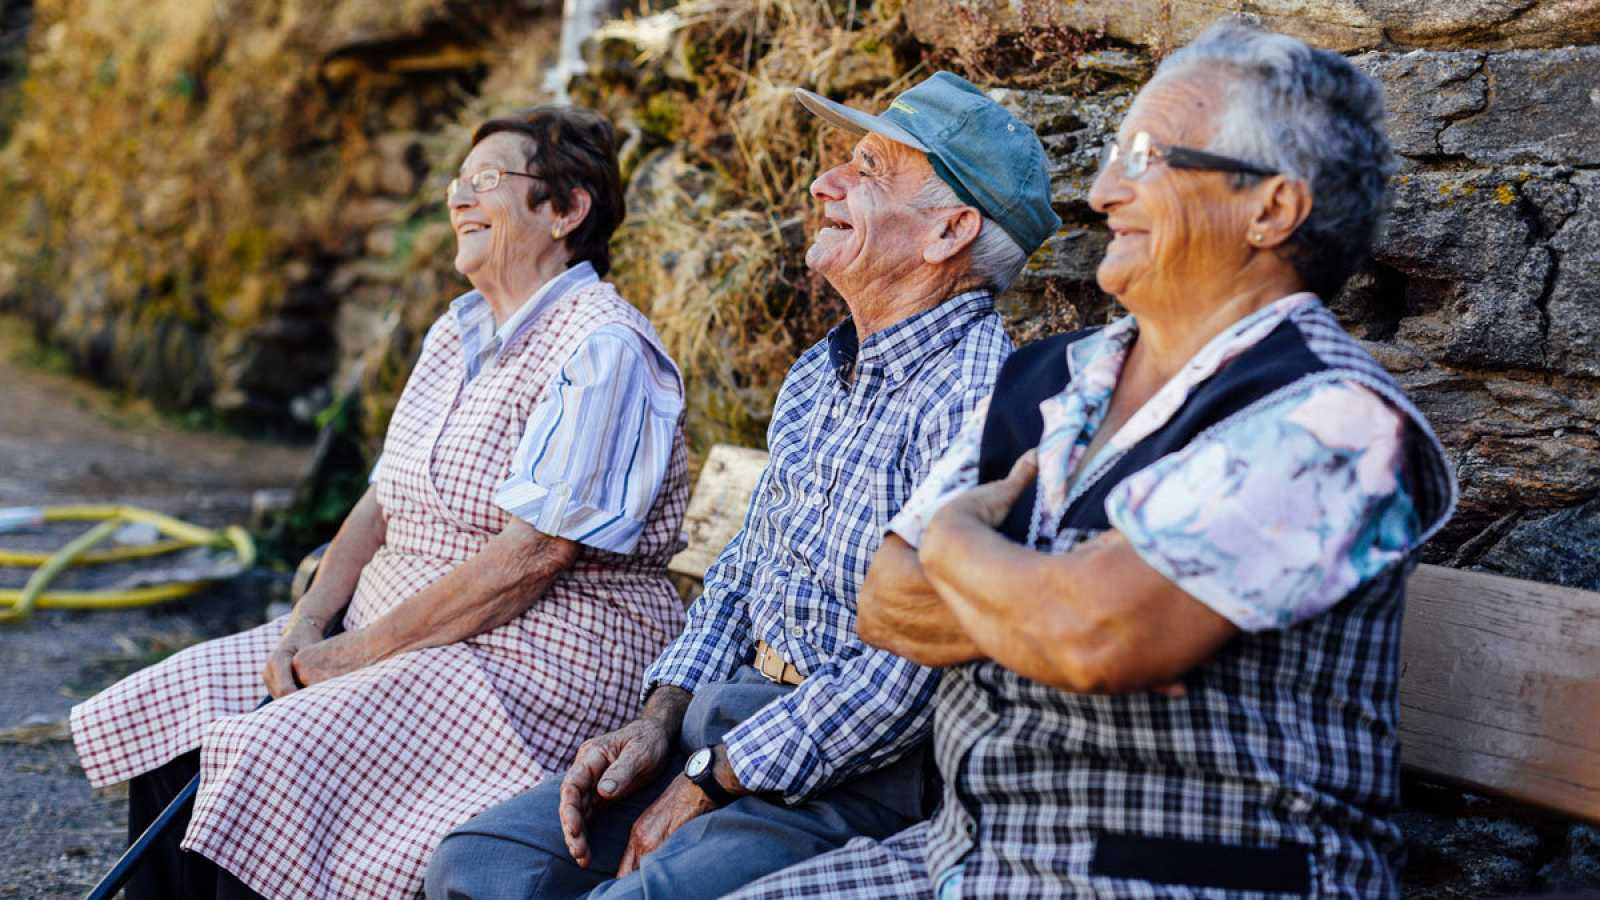 La edad legal de jubilación en España sube a 65 años y 10 meses en 2020